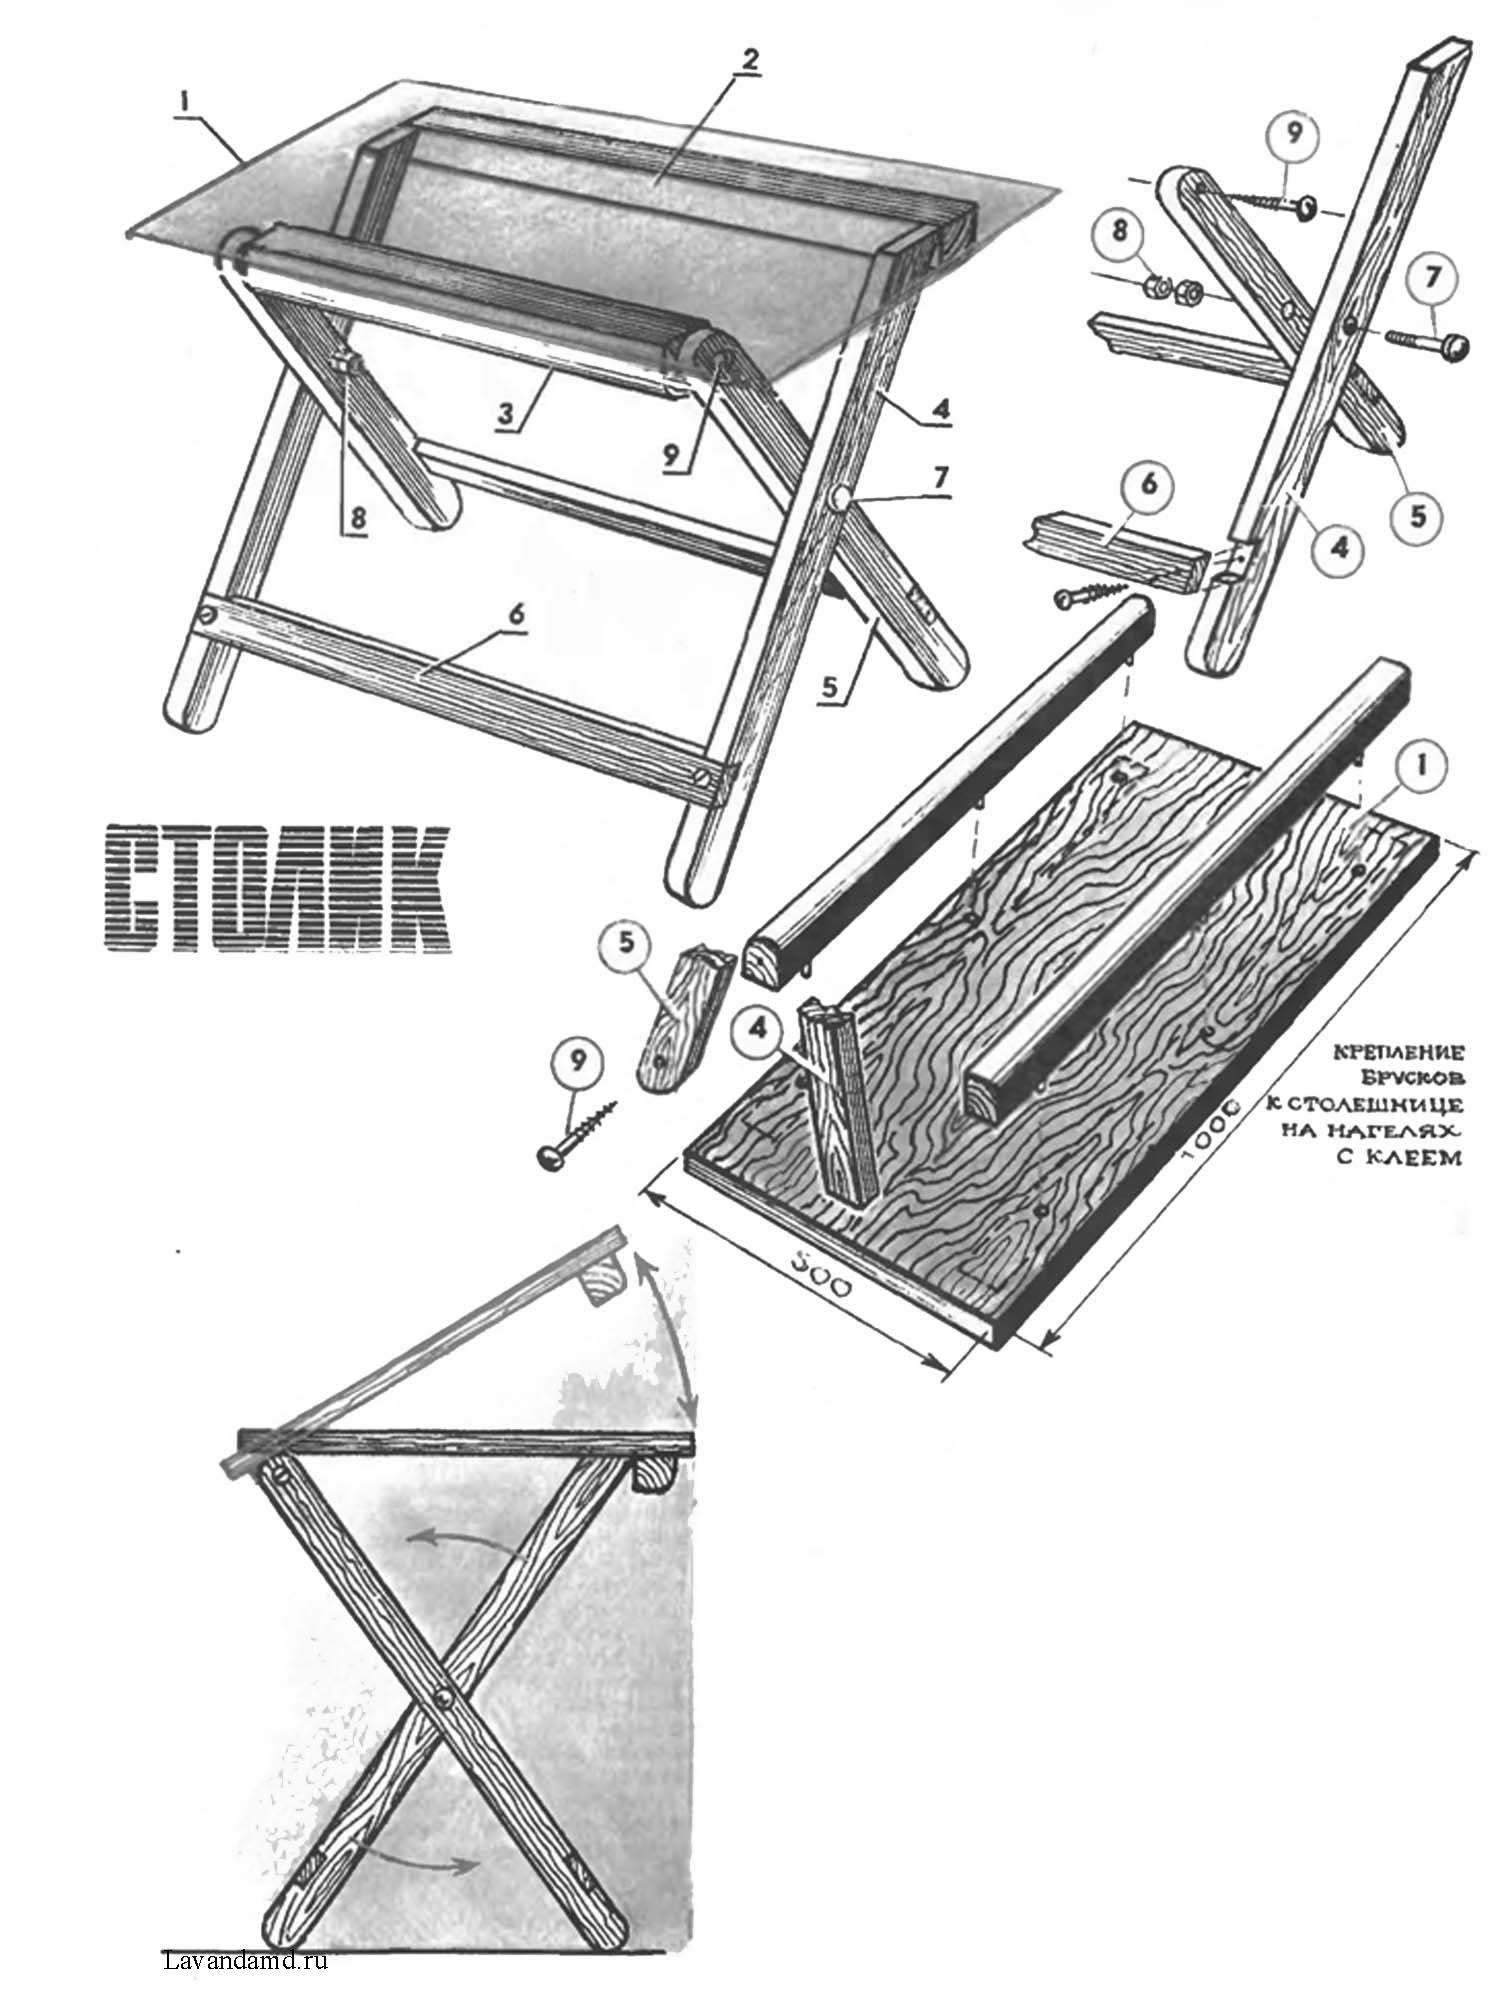 Складные стол деревянные своими руками схема